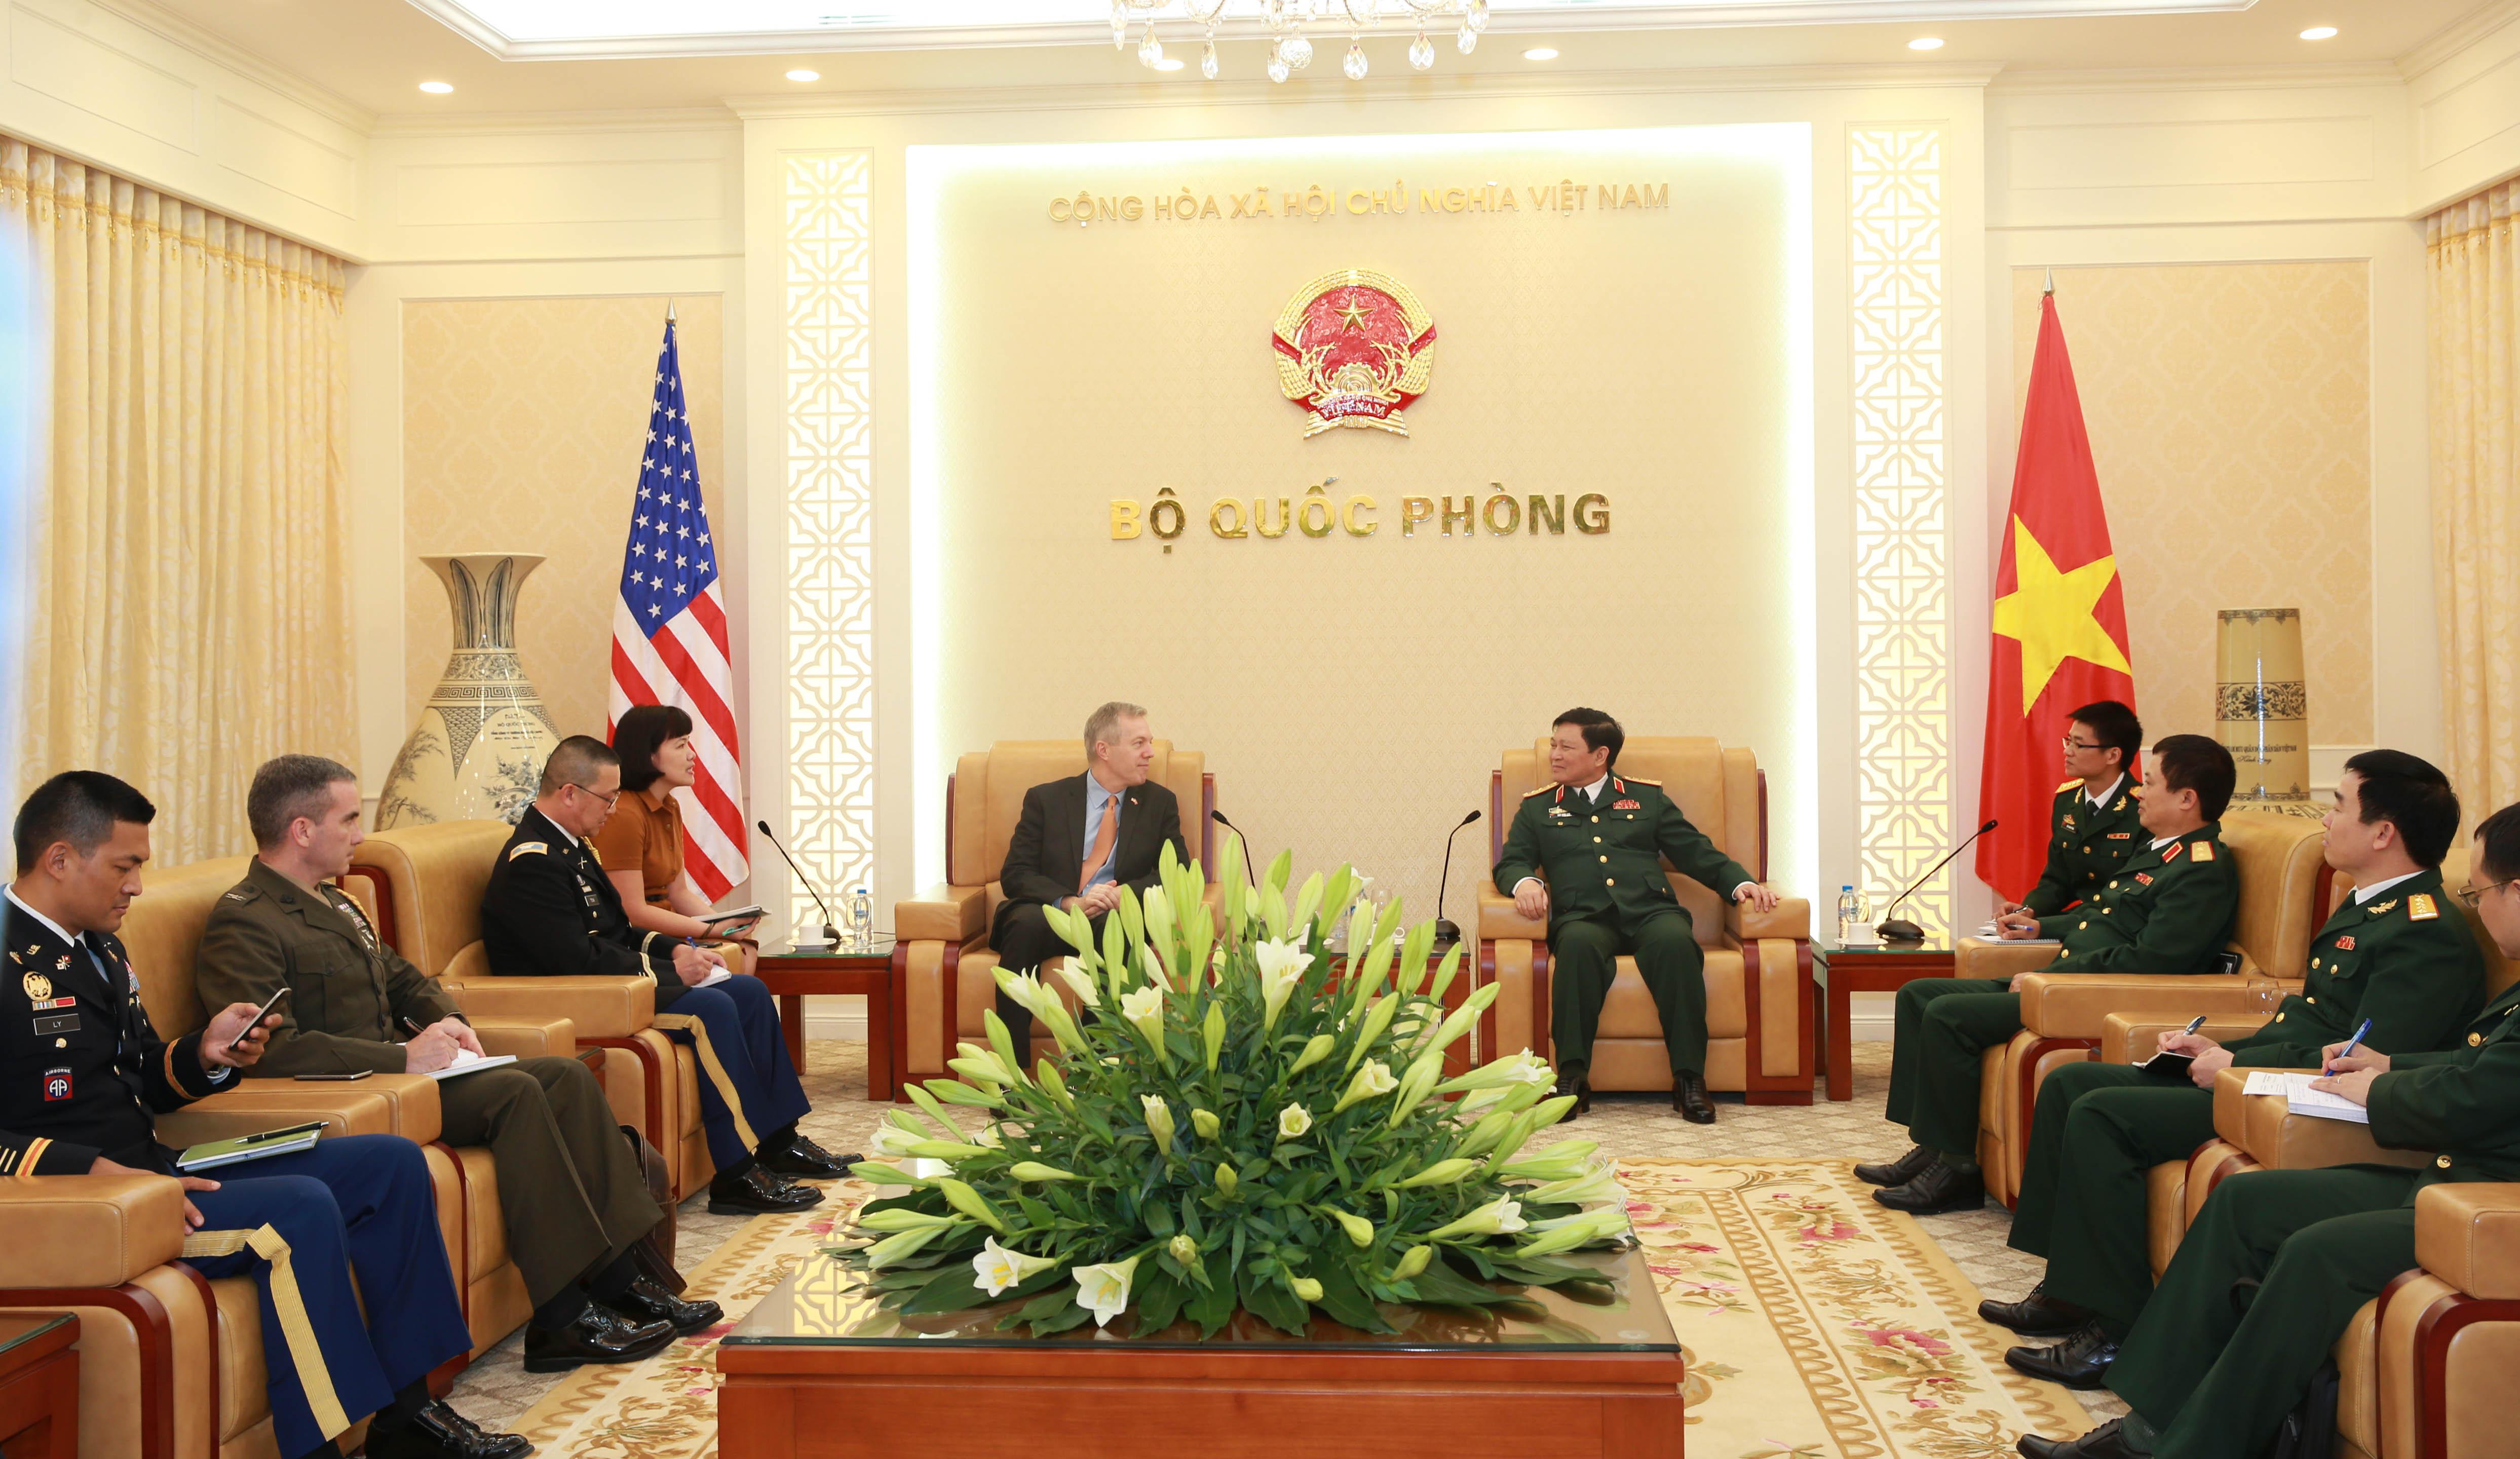 Bộ trưởng quốc phòng CSVN sắp sang thăm Hoa Kỳ